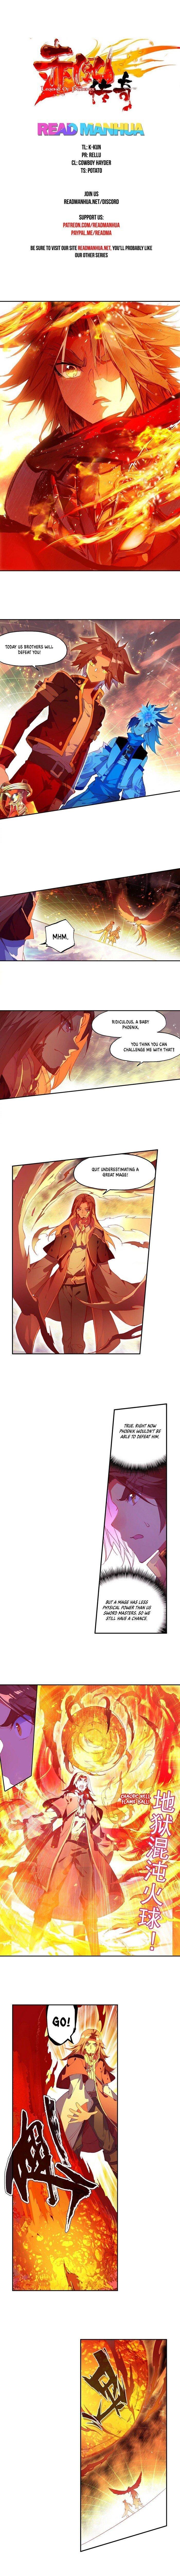 Manga Legend of Phoenix - Chapter 93 Page 1